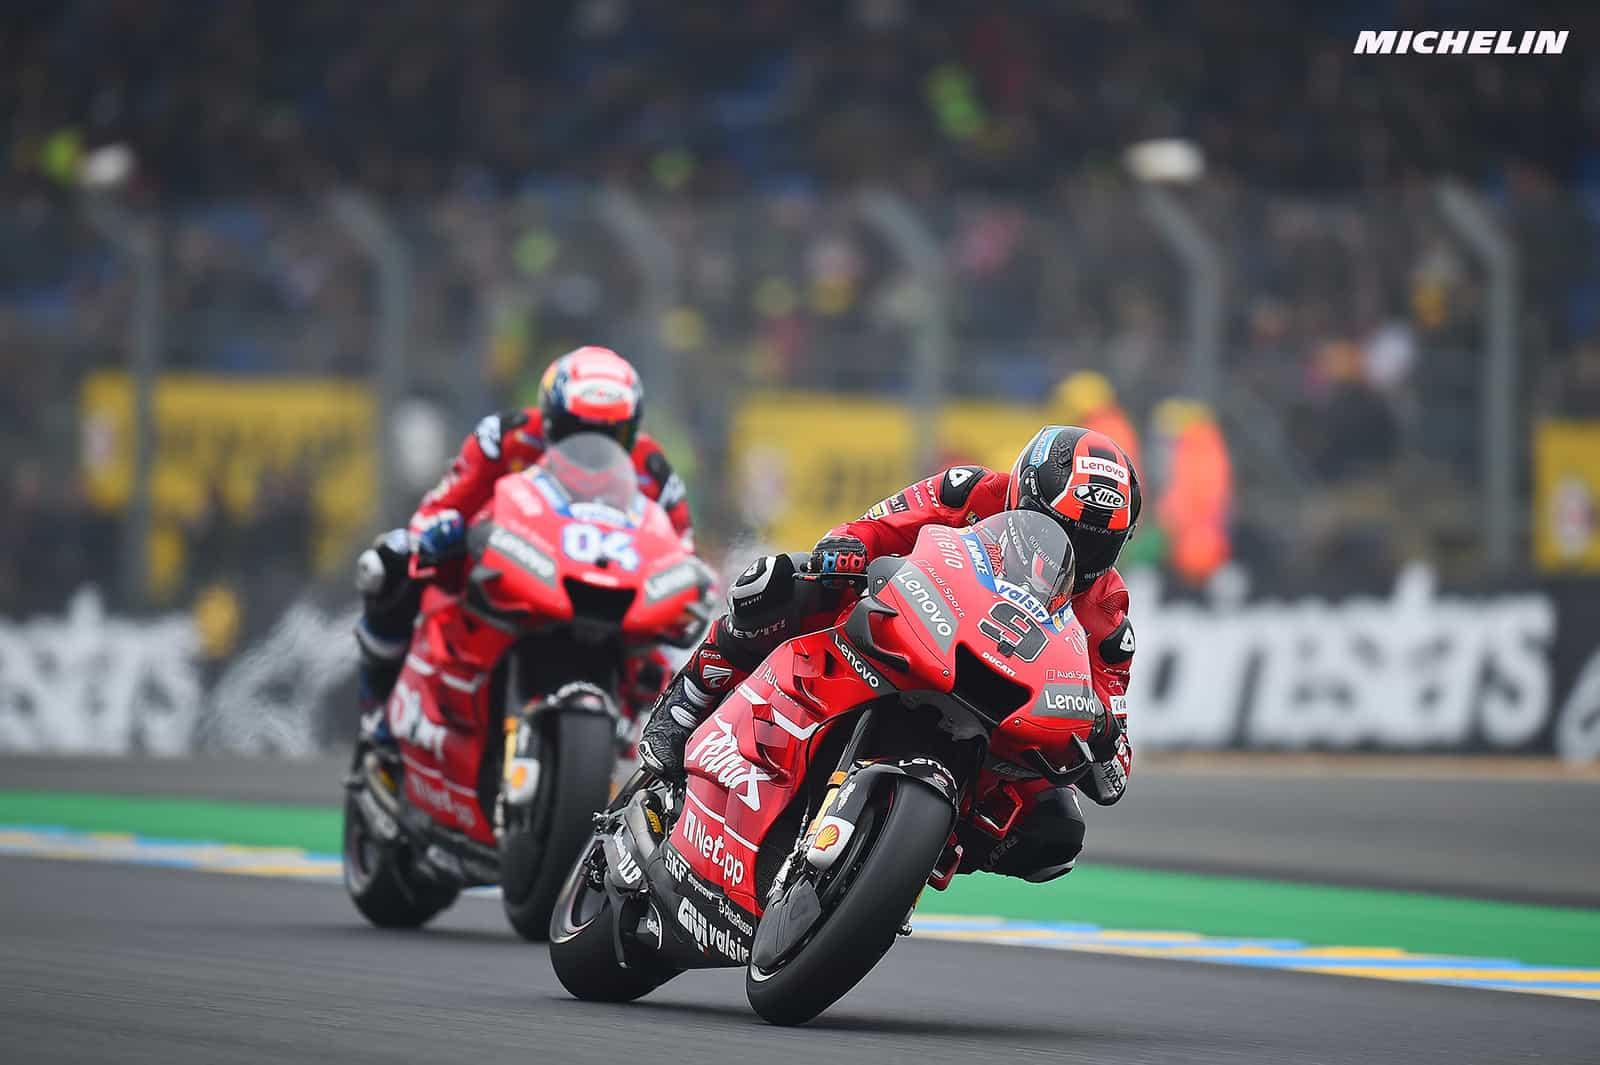 MotoGP2019フランスGP 3位ペトルッチ「高速コーナーのフィーリングが良いが、ドヴィのほうが立ち上がりが良い」